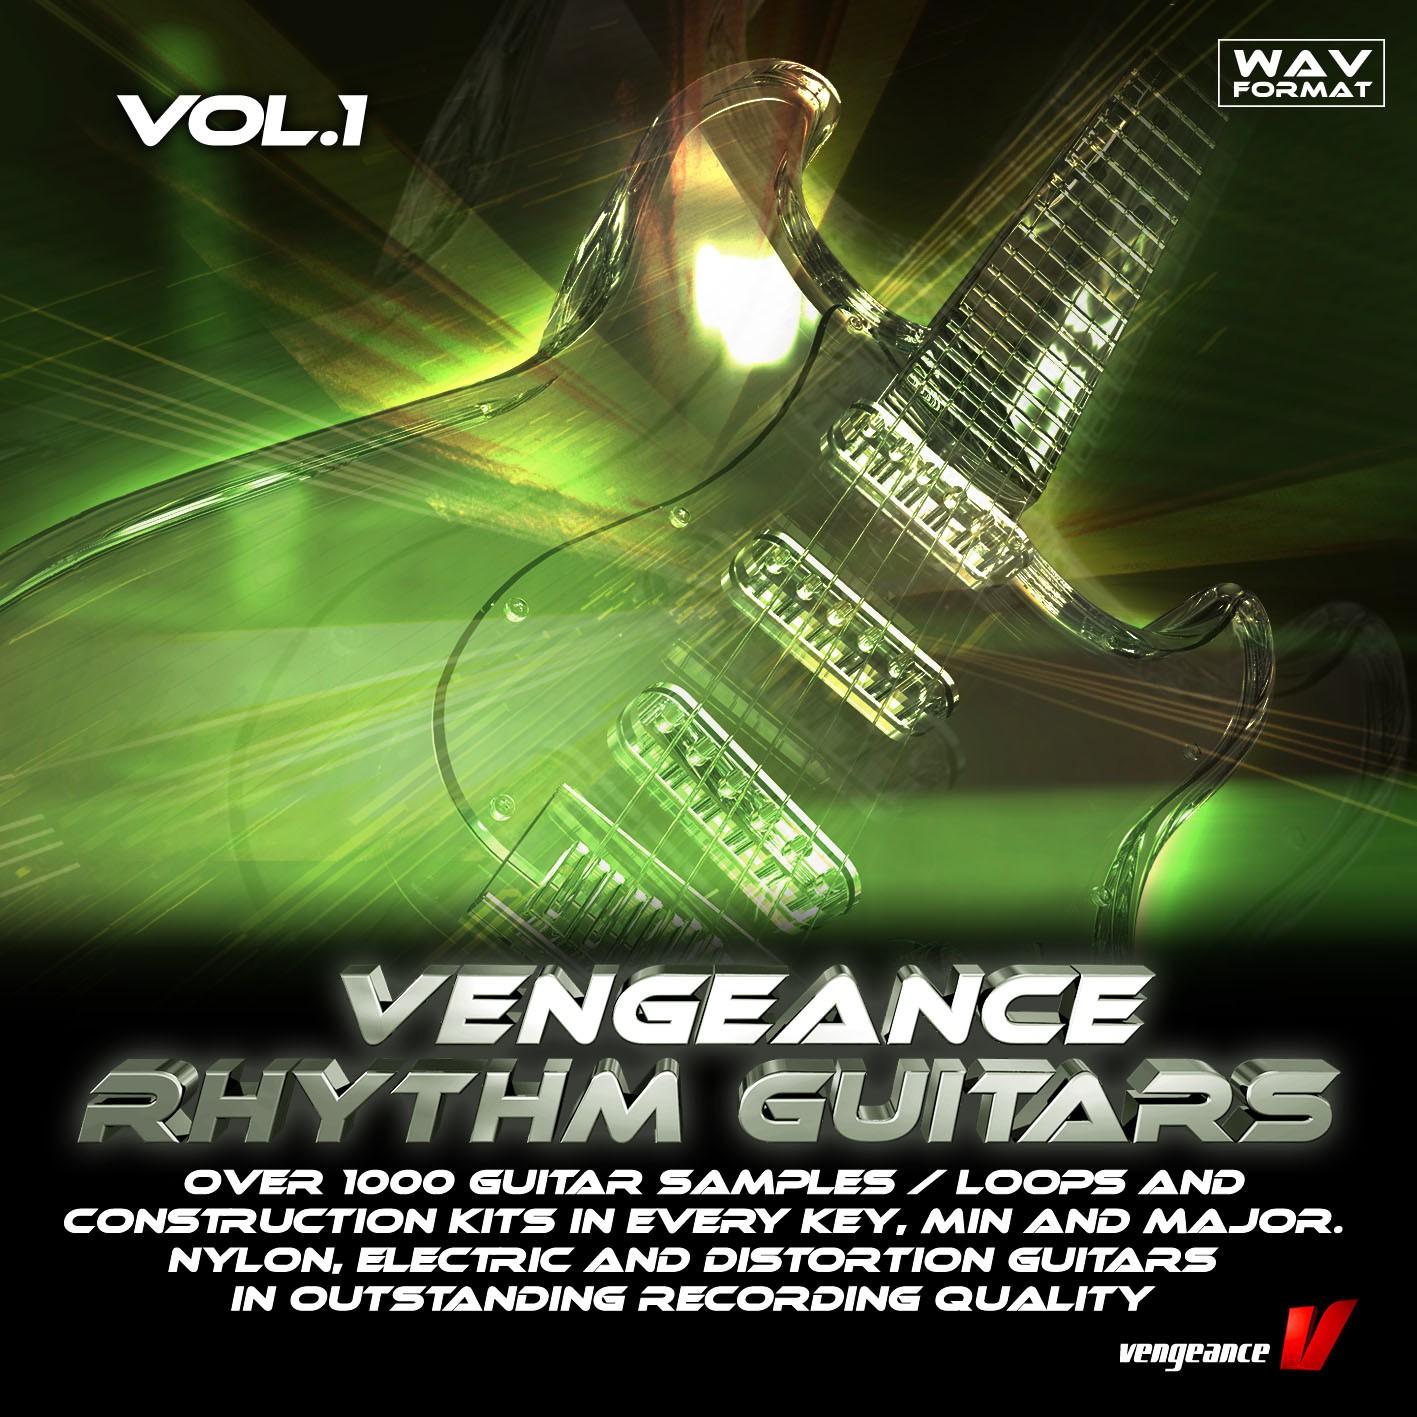 Vengeance Rhythm Guitars Vol.1 sample pack released